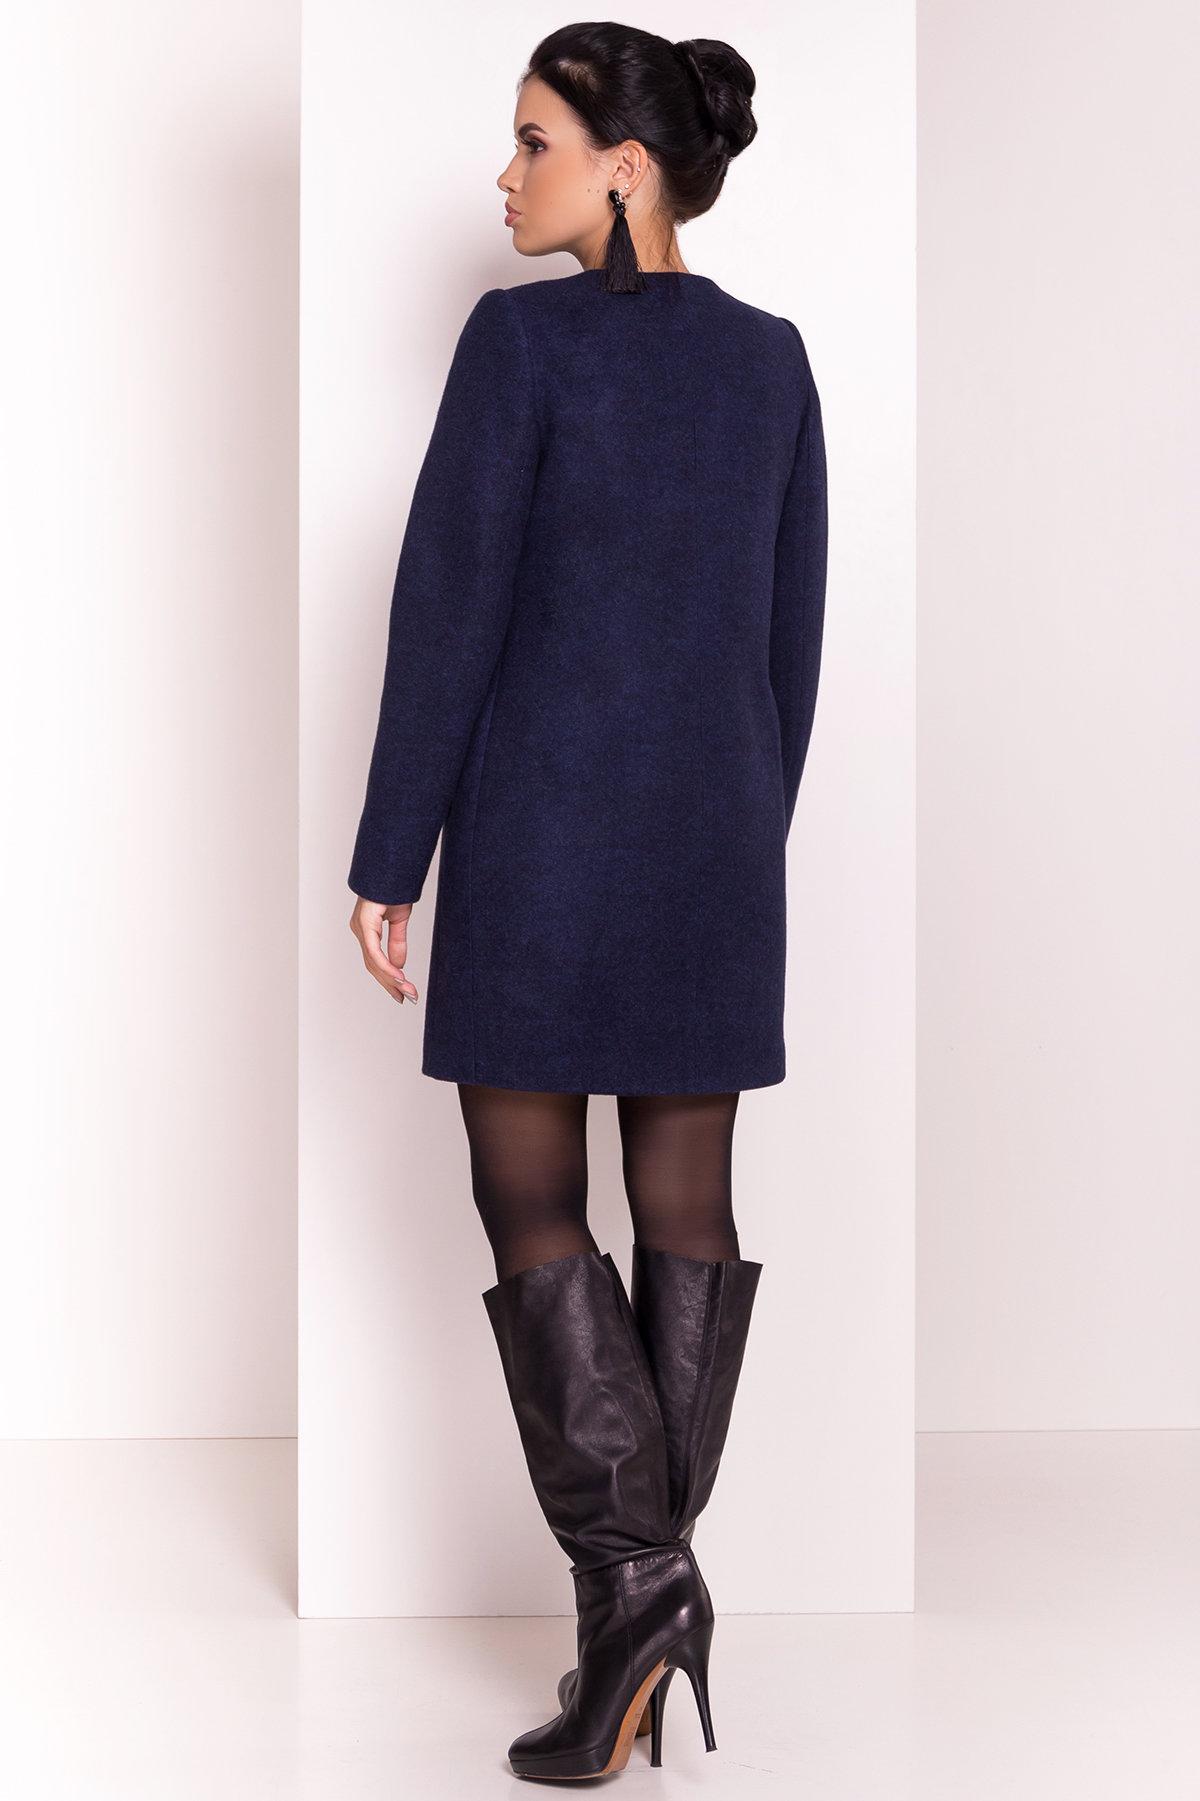 Весенние пальто Пелагея 5512 АРТ. 37060 Цвет: Темно-синий 17 - фото 4, интернет магазин tm-modus.ru